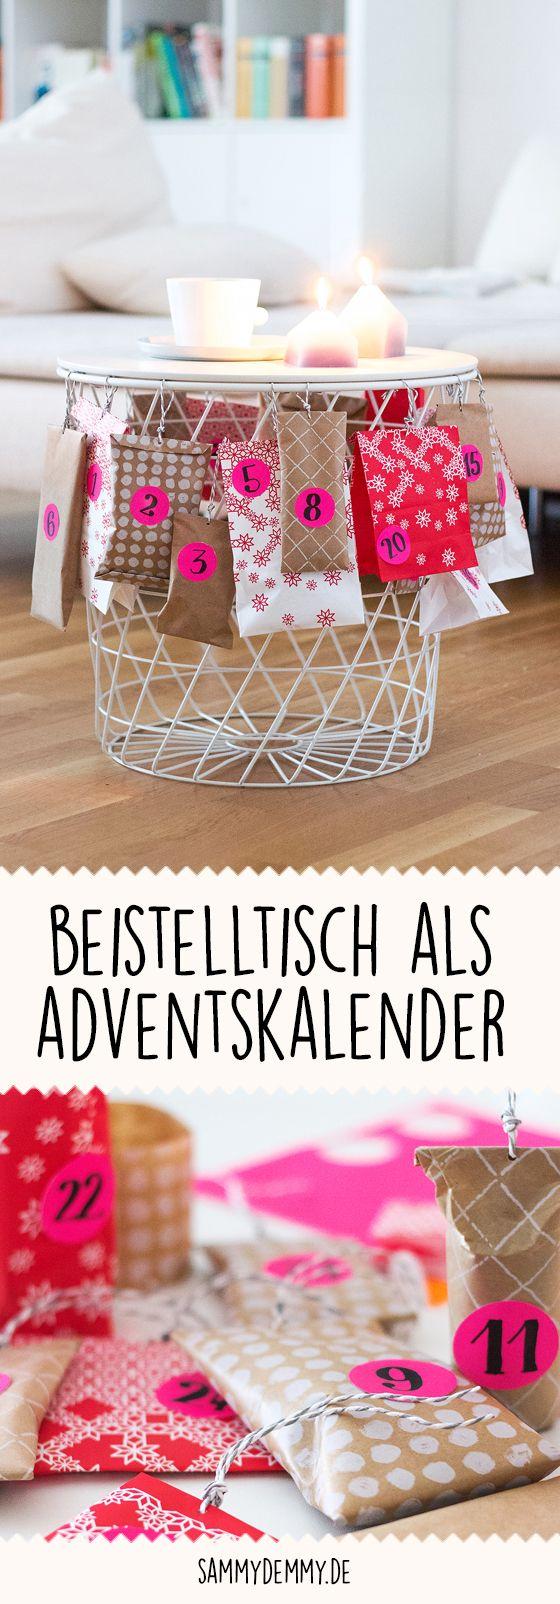 Adventskalender, Idee Adentskalender, Deko Weihnachten, Geschenke ...